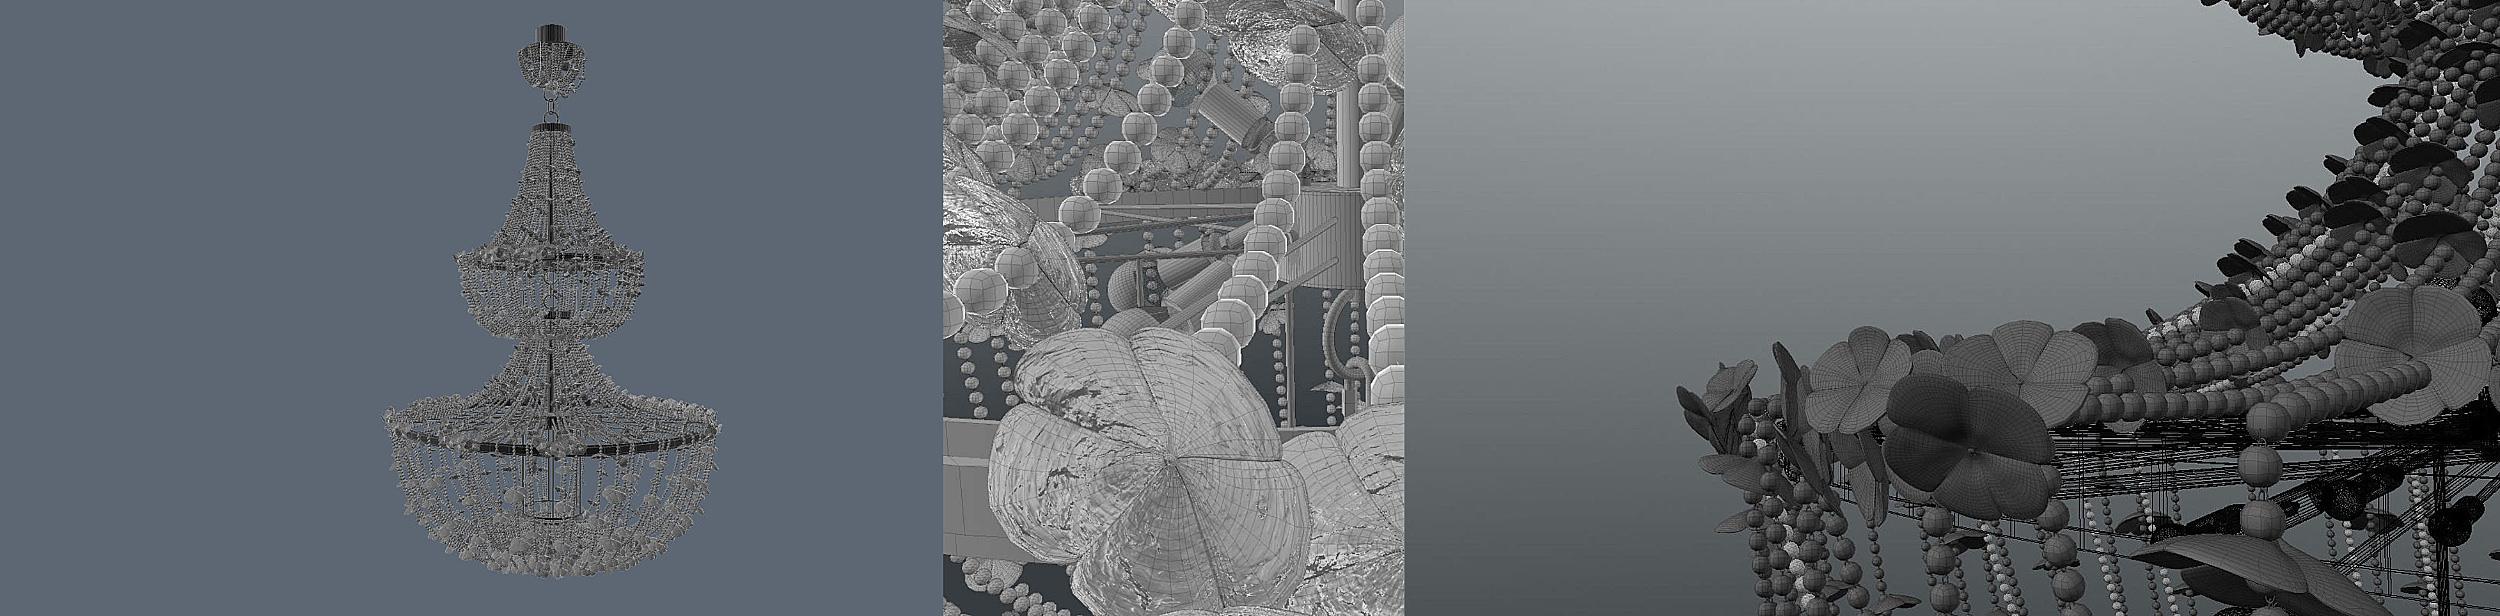 Aluxado Rendering 3d Fotorealistico come funziona